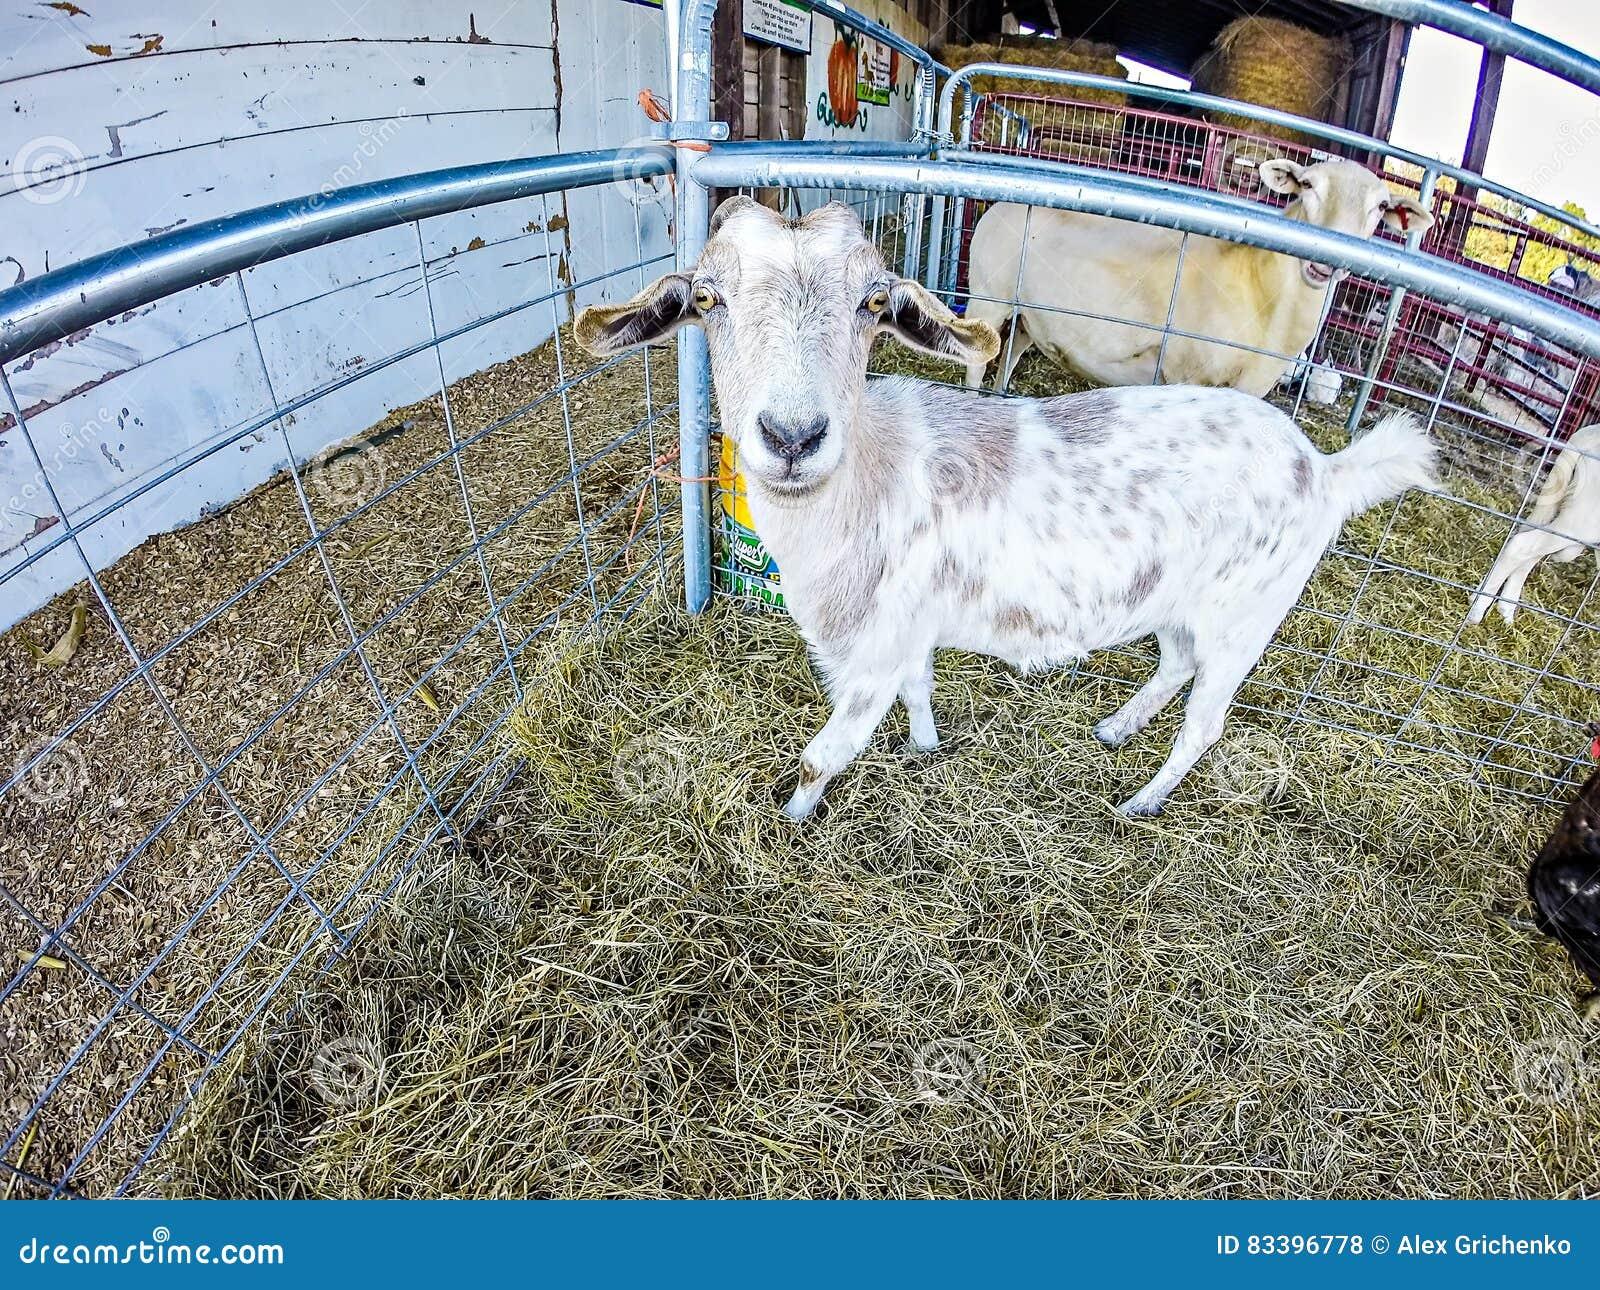 Lustige Ziege Hinter Zaun Am Bauernhof Stockfoto Bild Von Jung